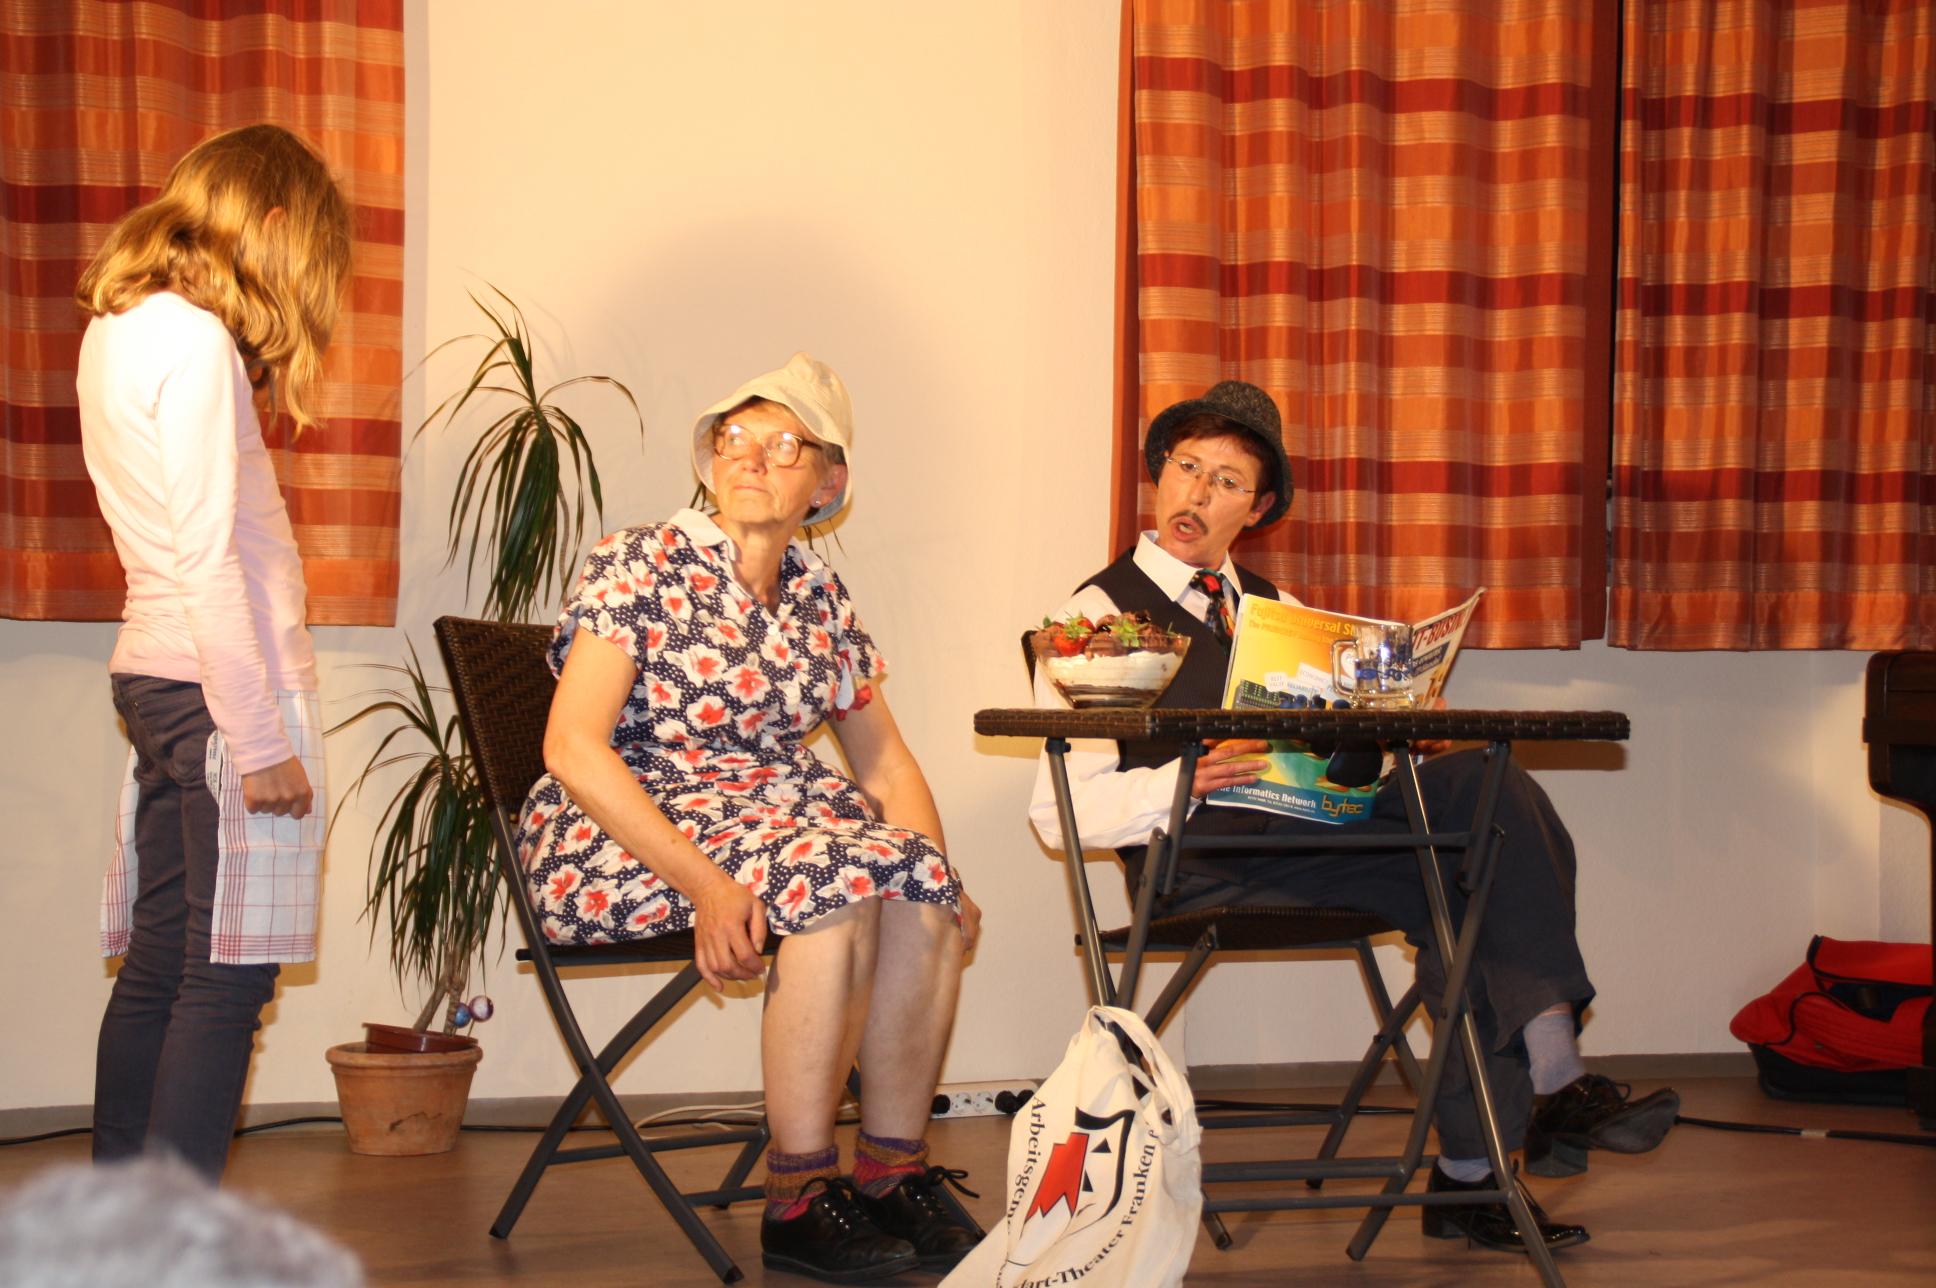 Gerch (Elisabeth Orth) und Schorsch (Regina Baumgärtner) philosophieren nach getaner Arbeit über ihre Ehefrauen und männliche Probleme.